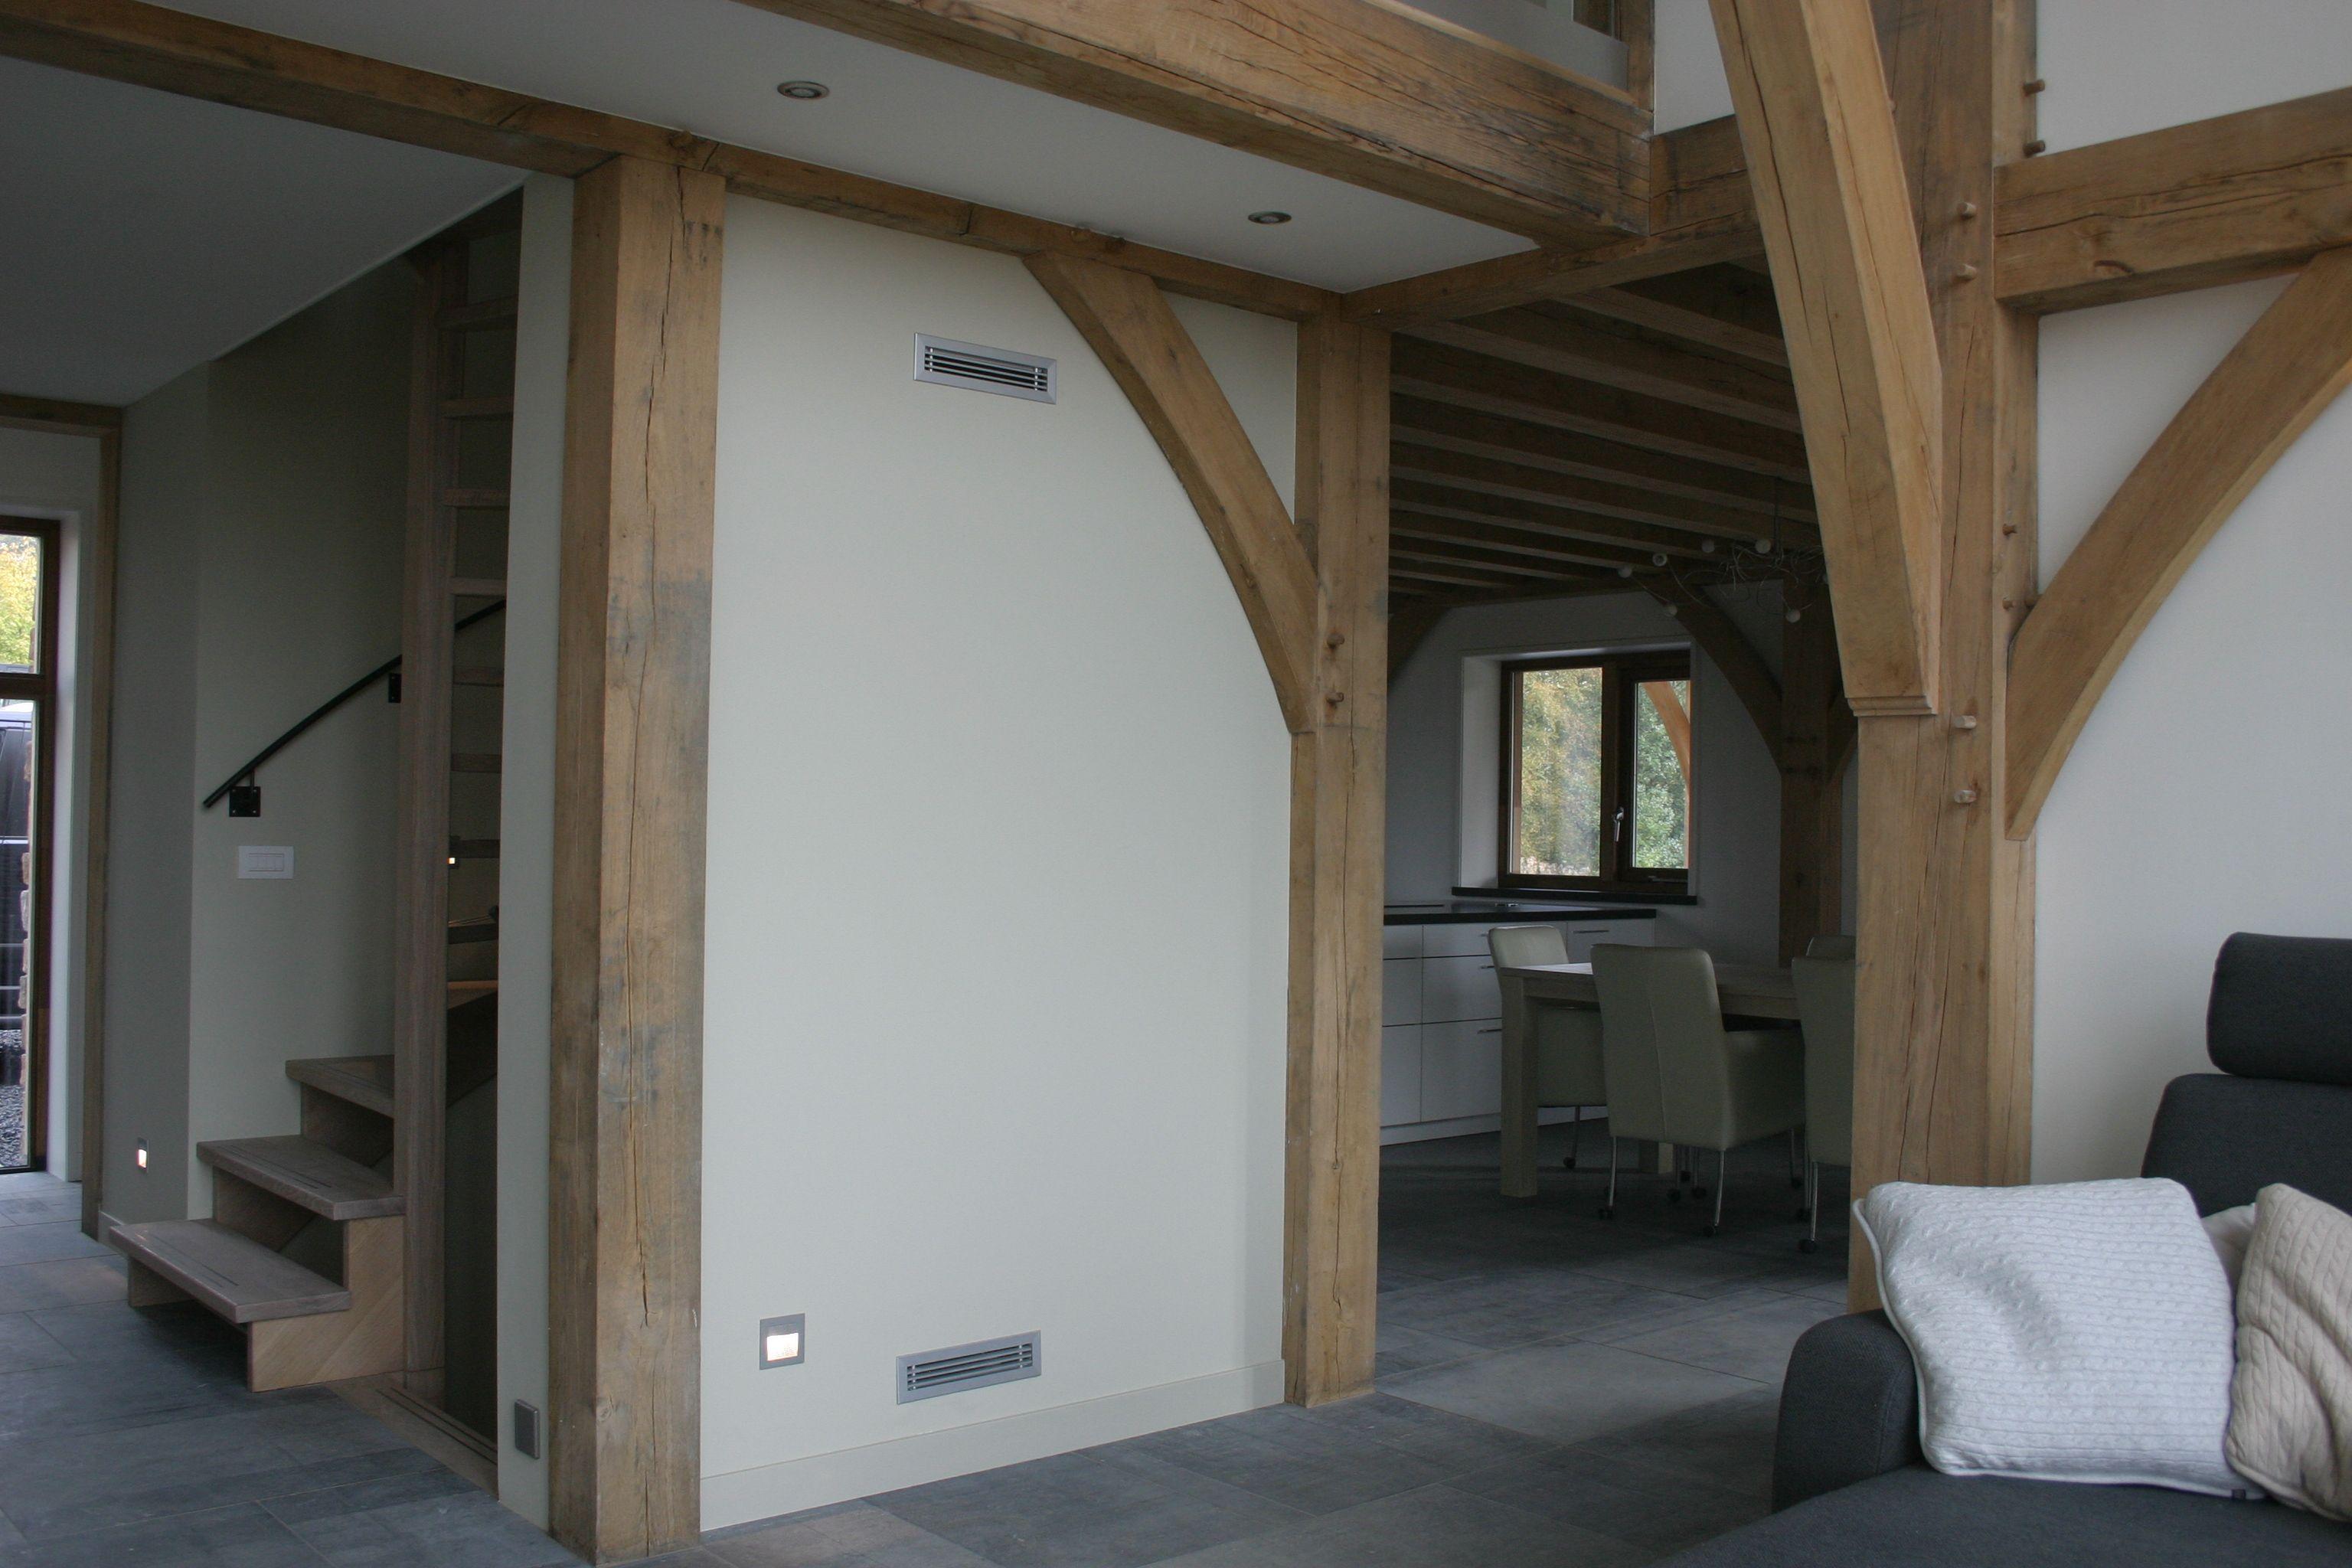 De woonkamer met vide met zicht op de open keuken en de trapopgang ...